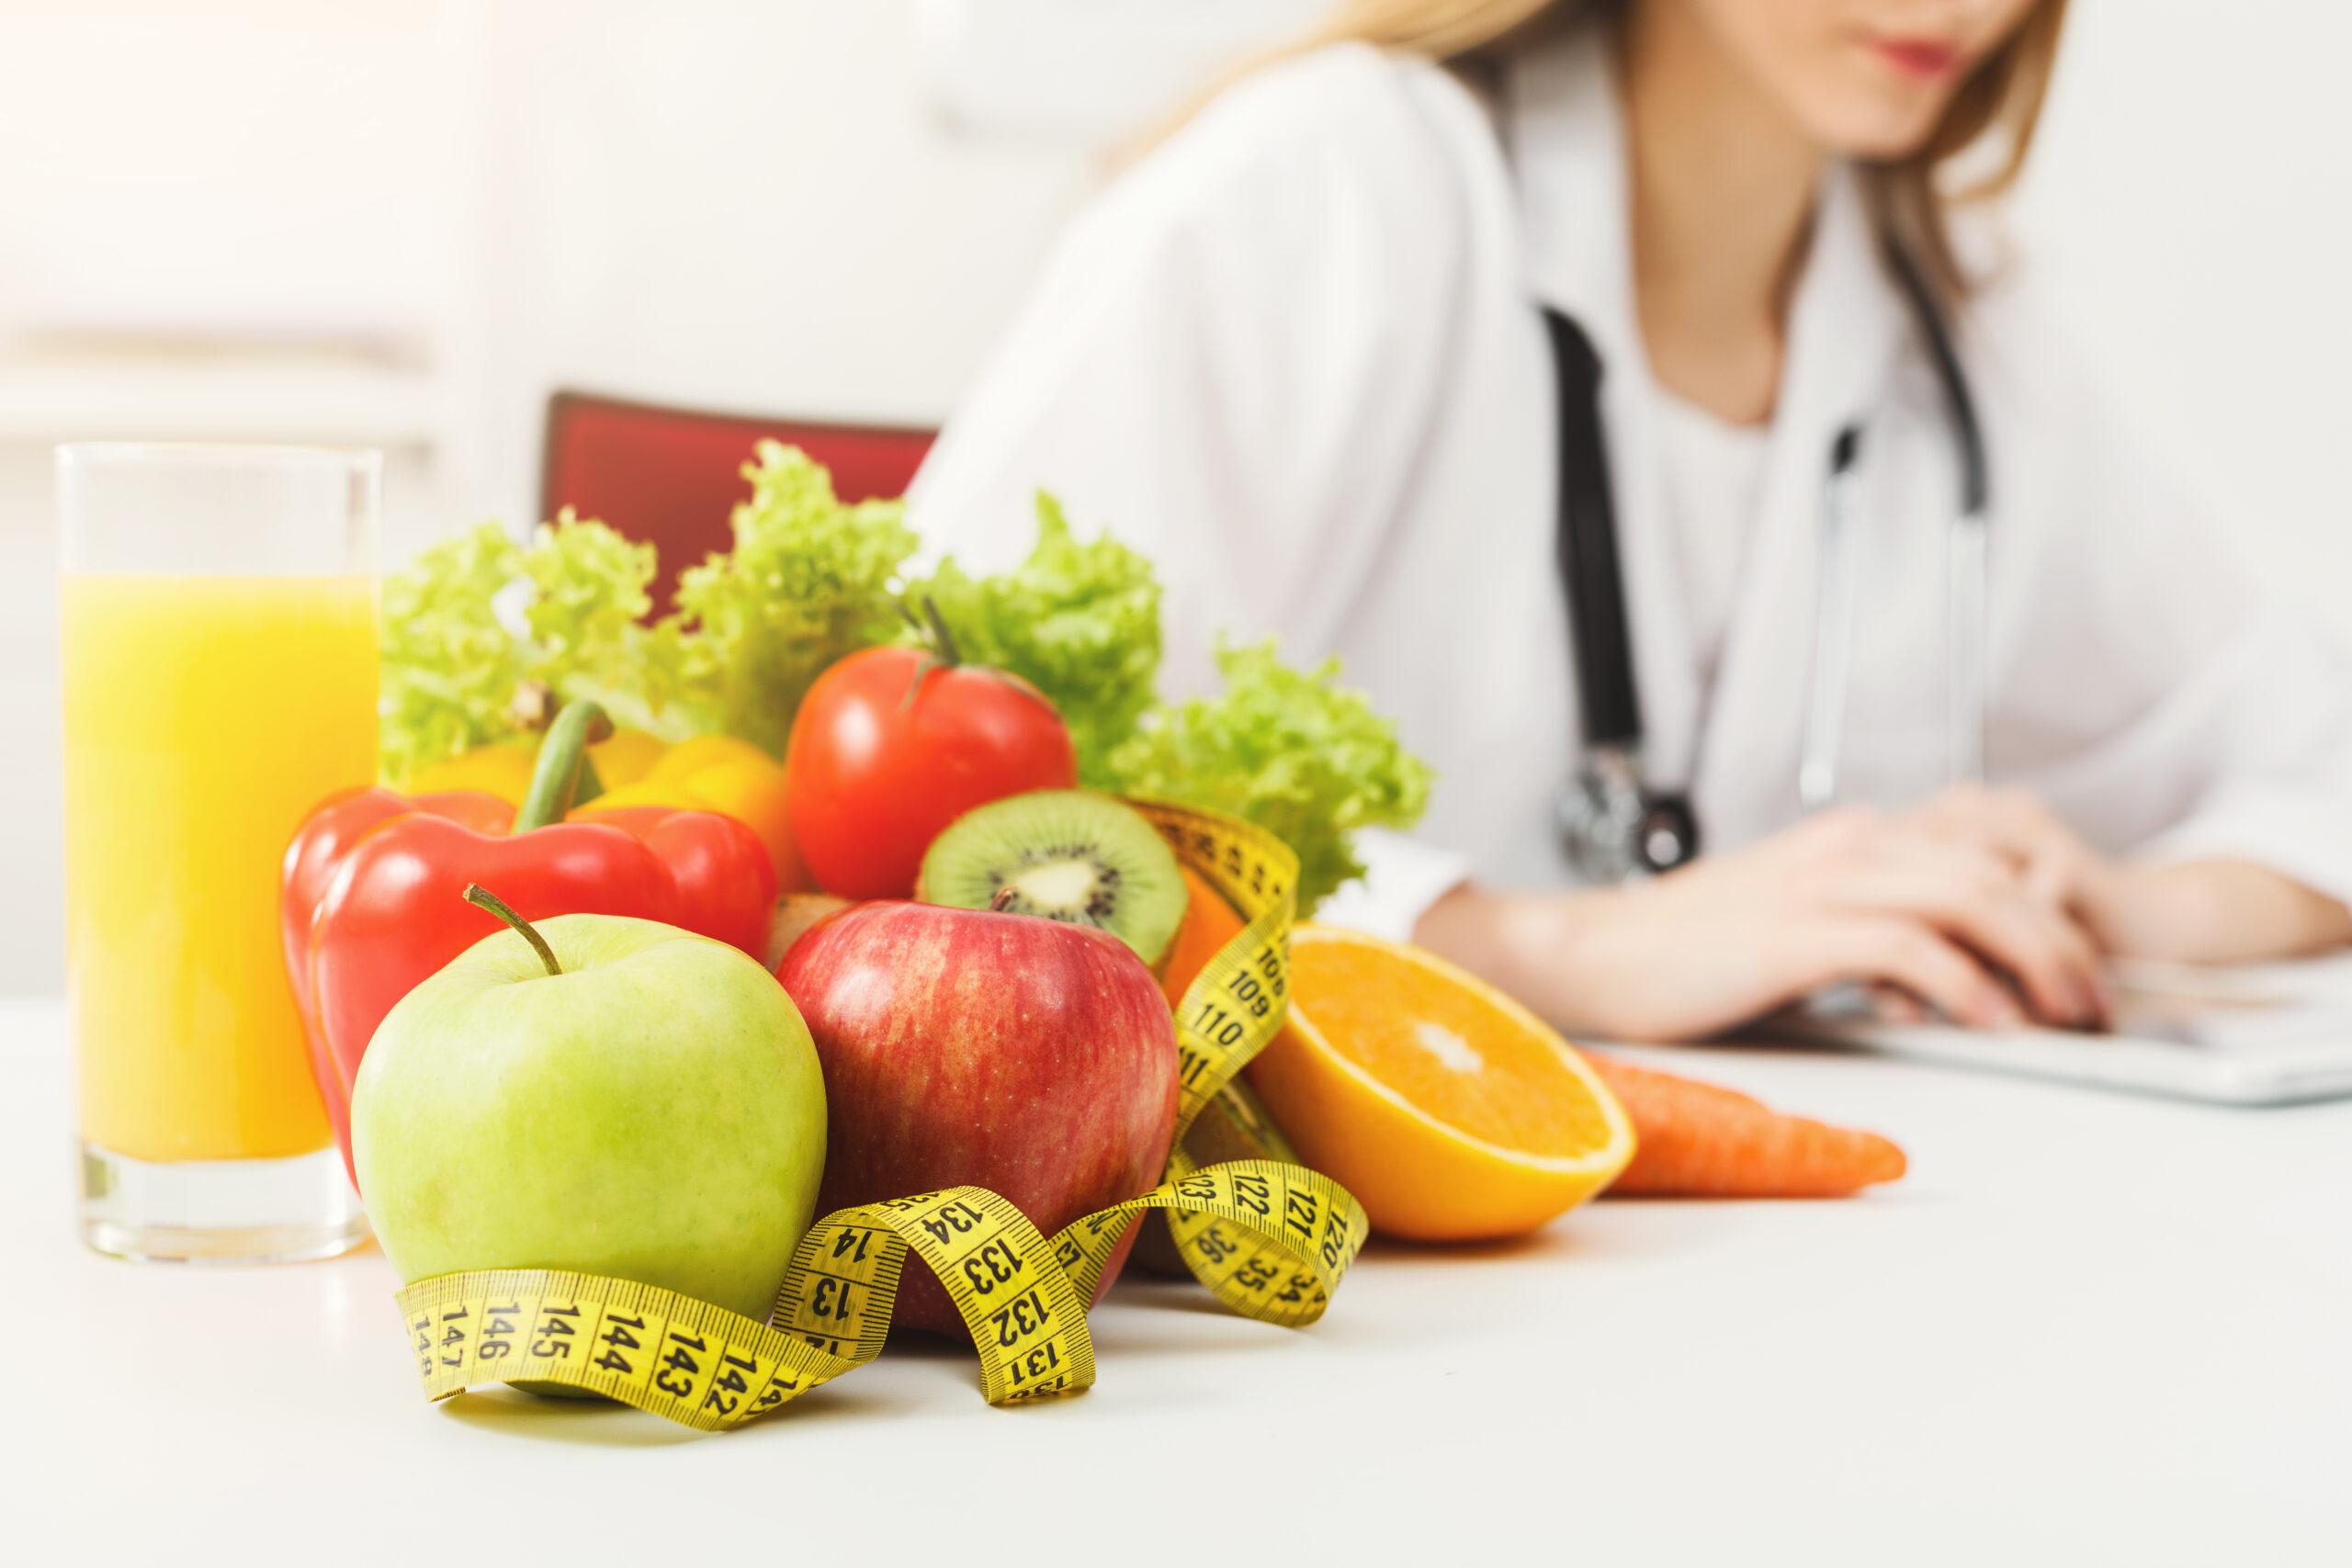 Saiba mais sobre o médico nutrólogo e qual sua função